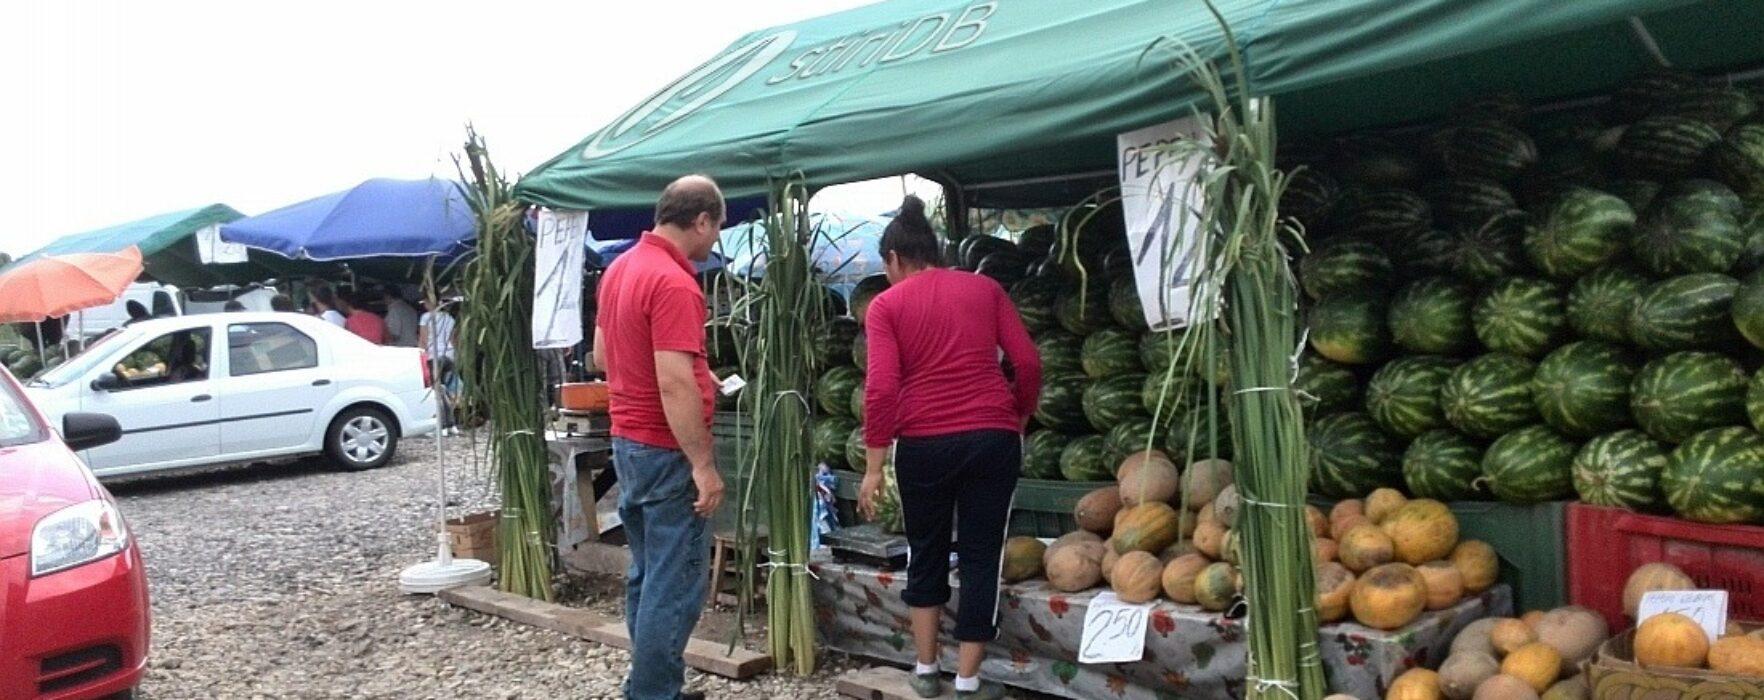 Dâmboviţa: A fost aprobată hotărârea privind obligativitatea purtării măştii în pieţe, târguri şi oboare